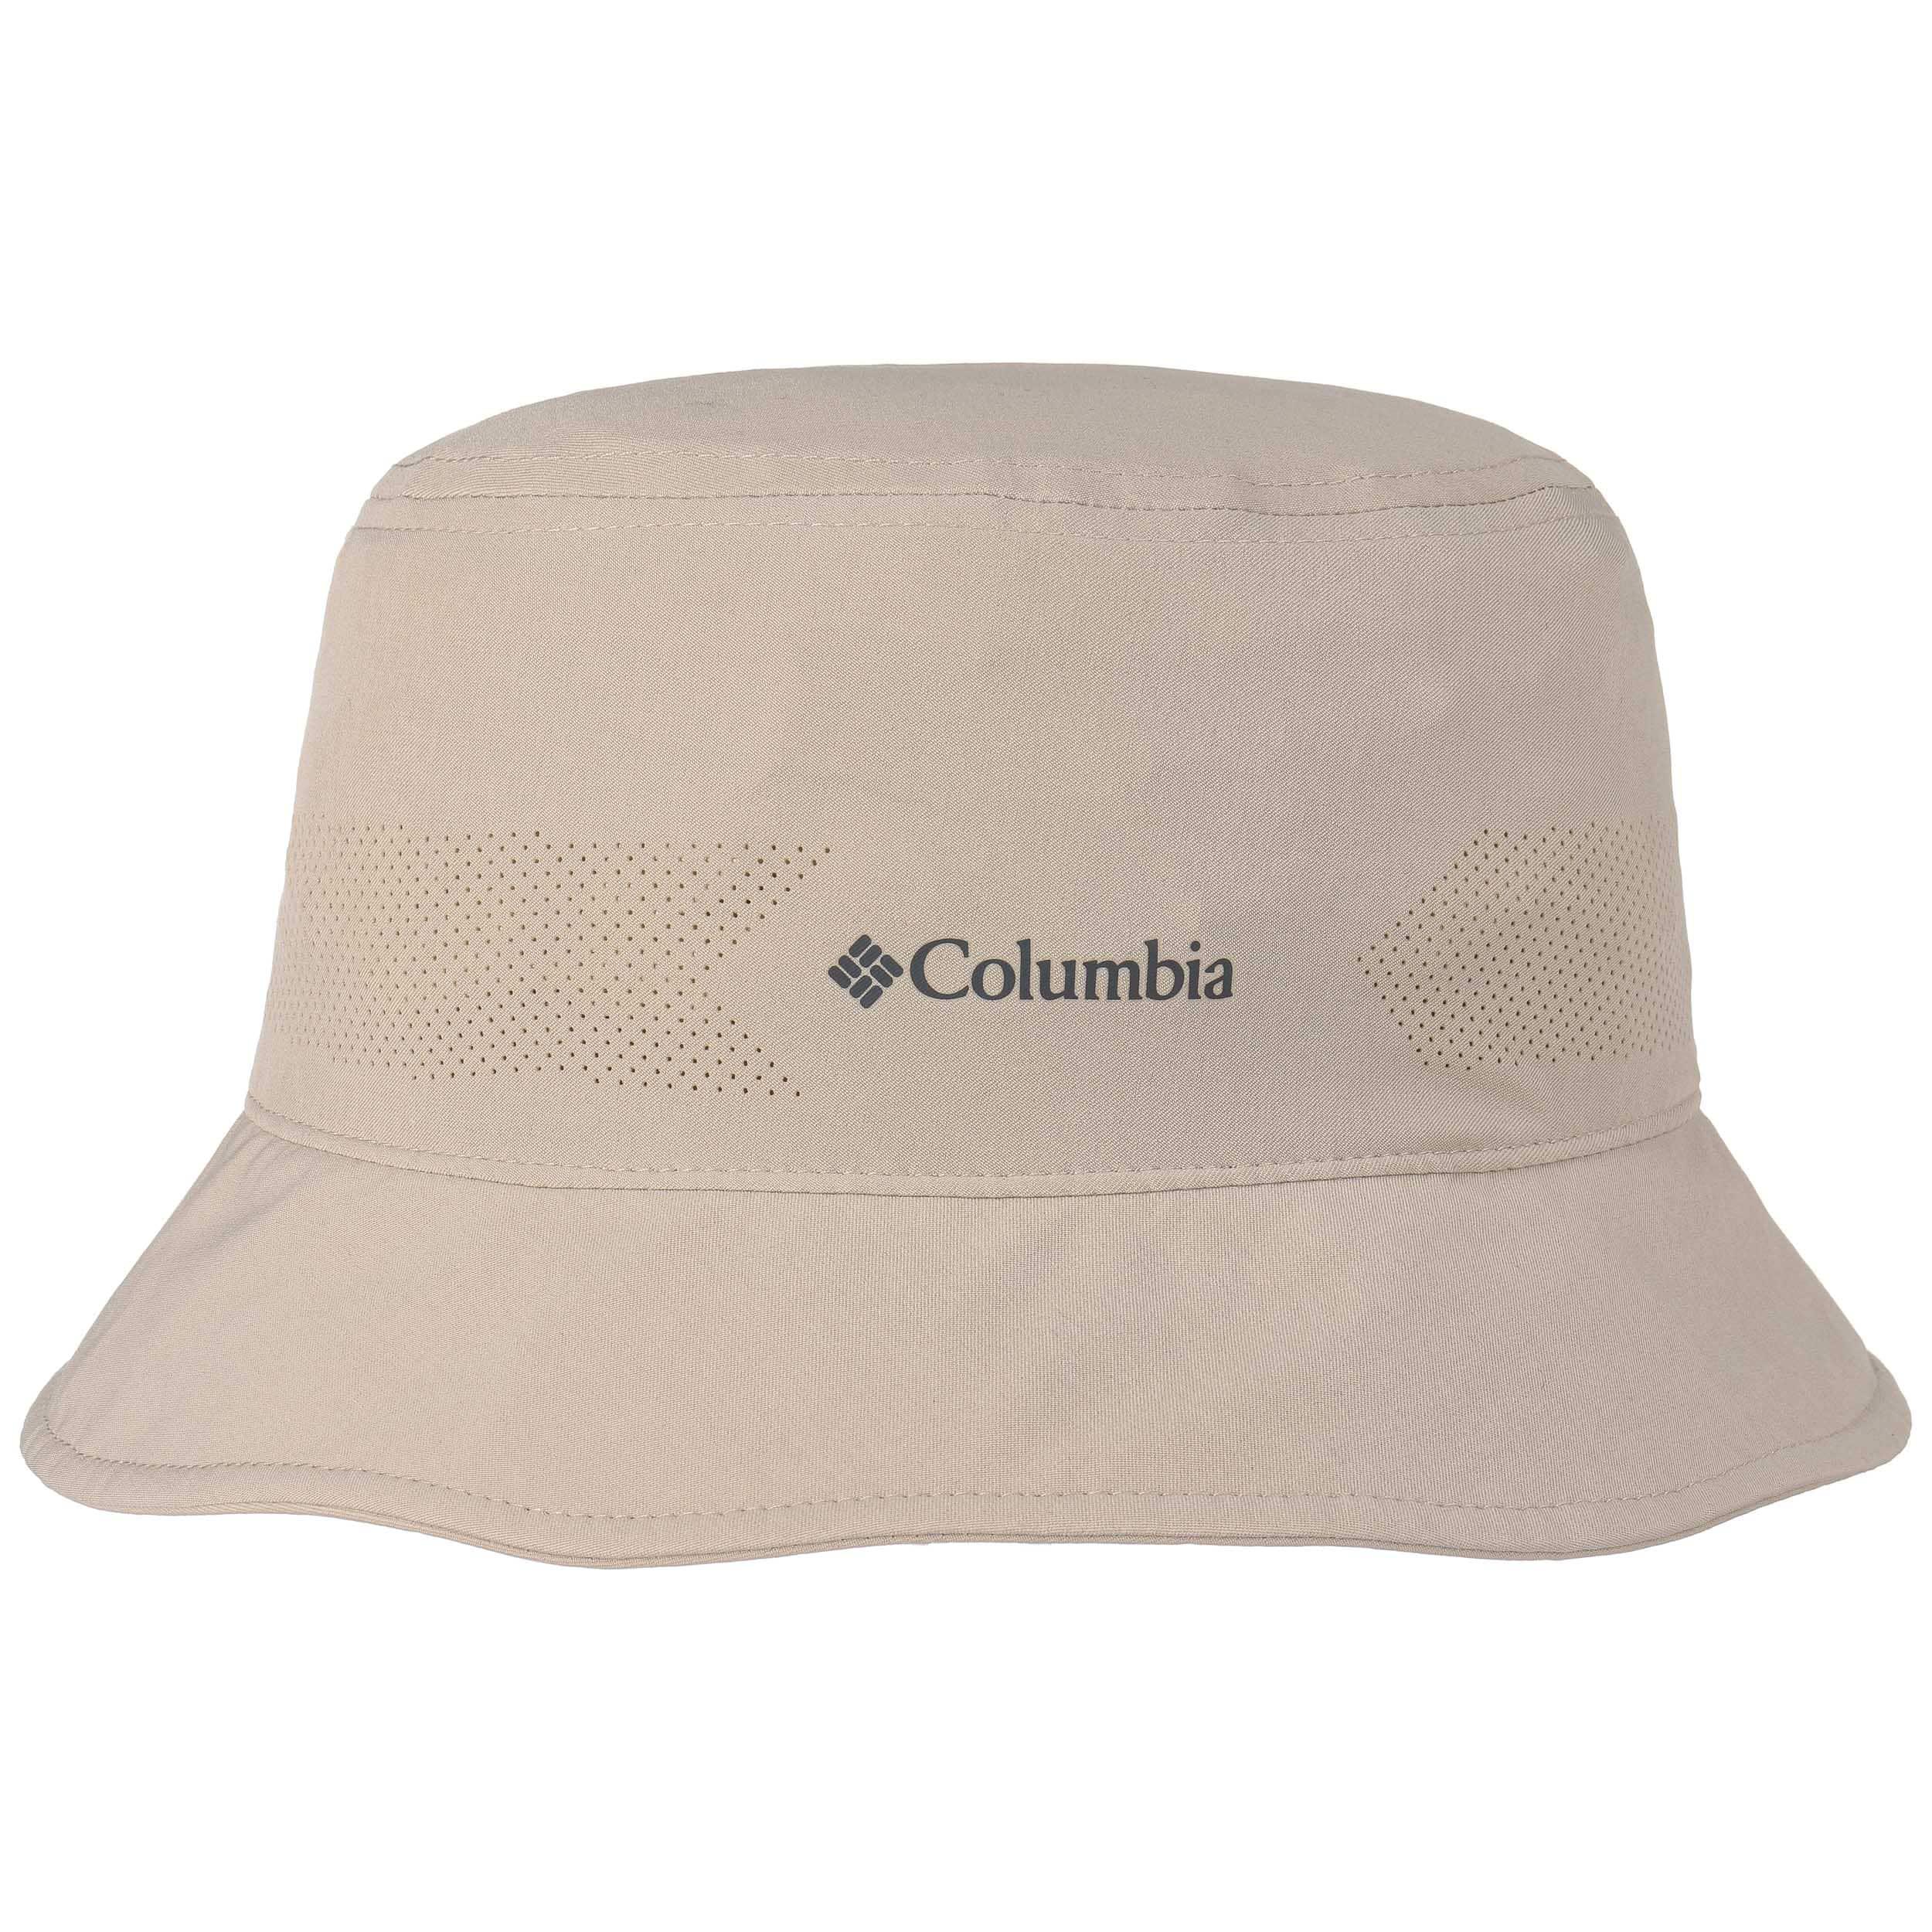 Sombrero Silver Ridge II by Columbia - Sombreros - sombreroshop.es